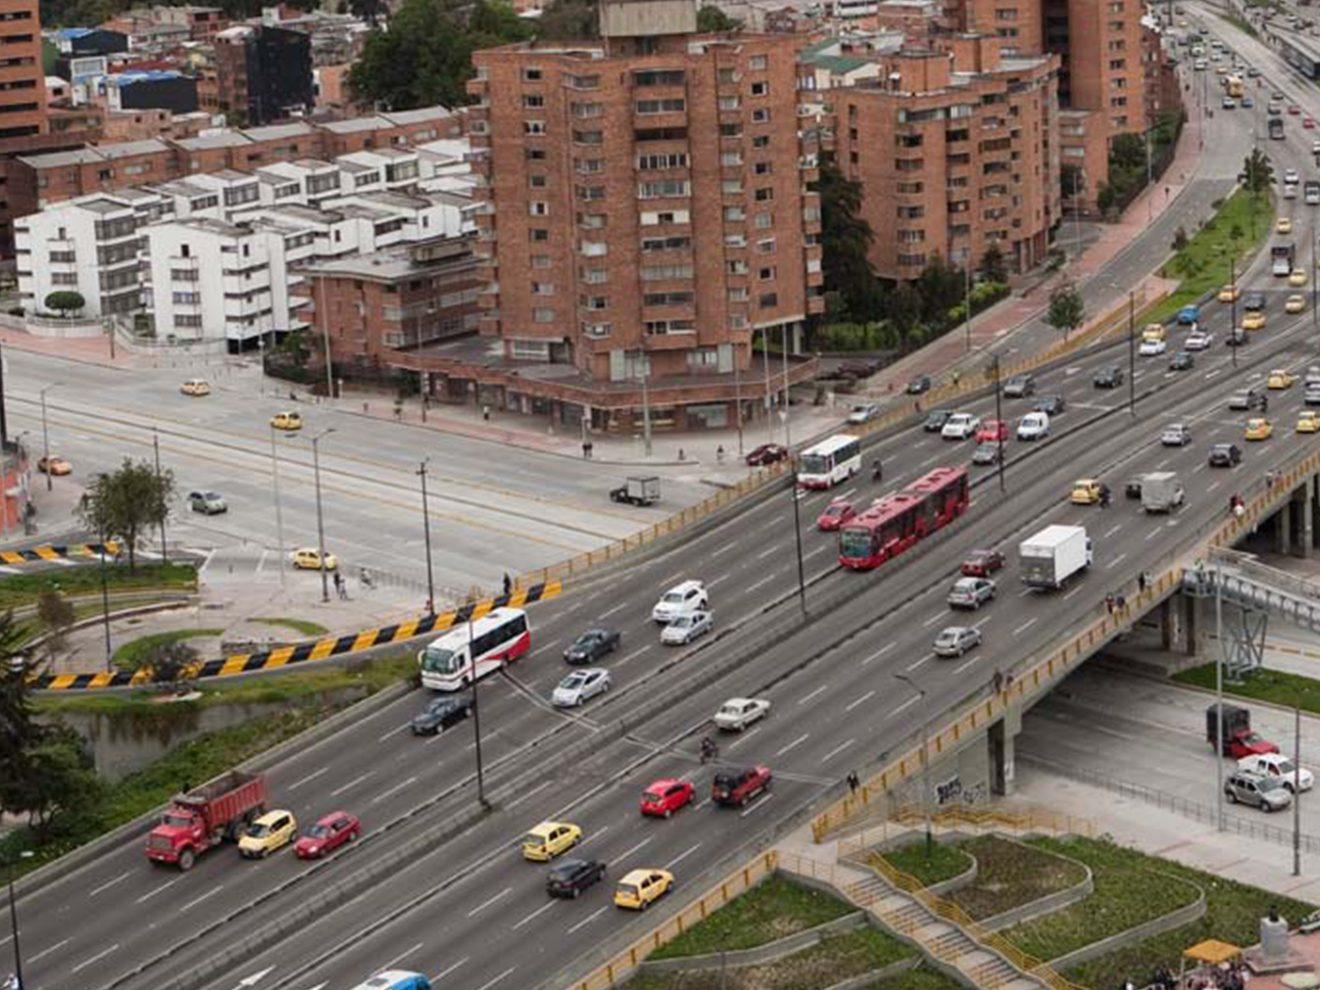 Main streets in Bogotá